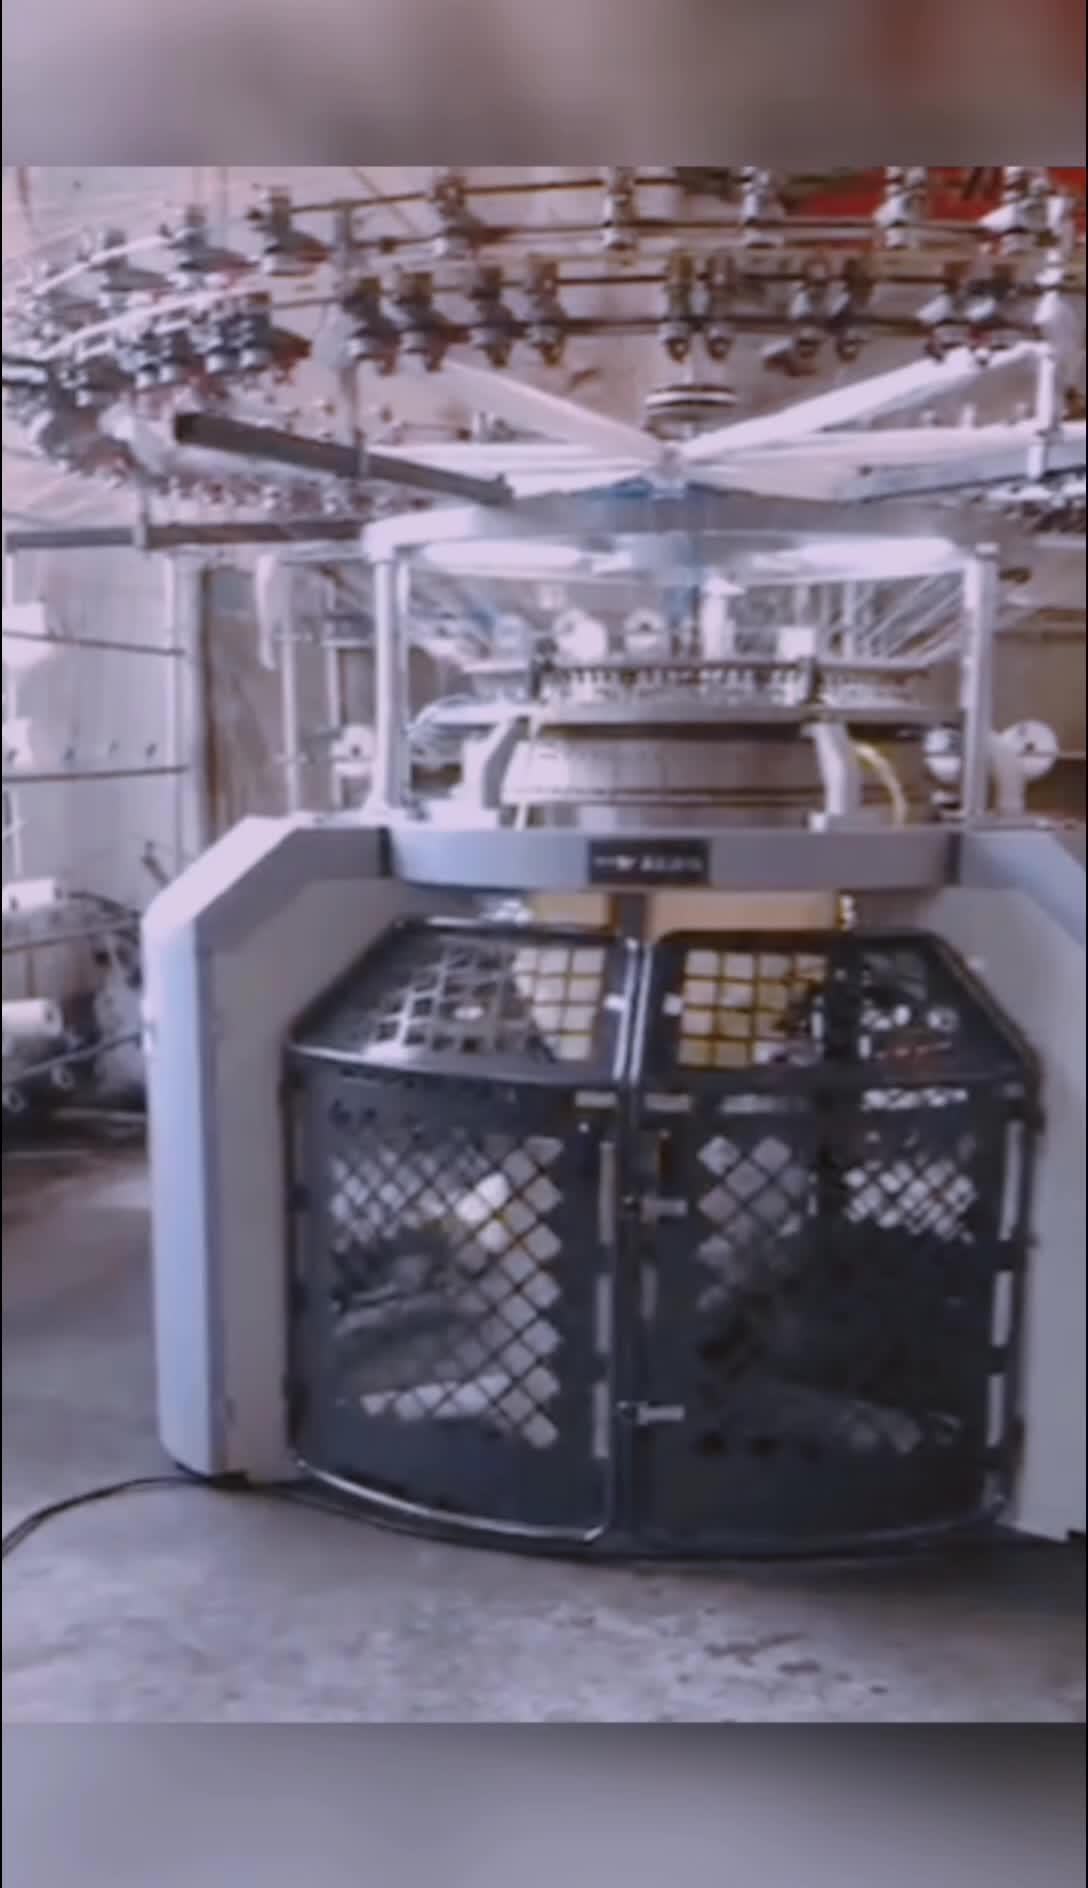 Tutte le Macchine In Diretta Servizio!!! YX-HS3F02 Ad Alta Velocità Singola Maglia di Lavoro A Maglia di Uso Della Macchina Per T-Shirt Uomo Prezzo A Buon Mercato In Cina